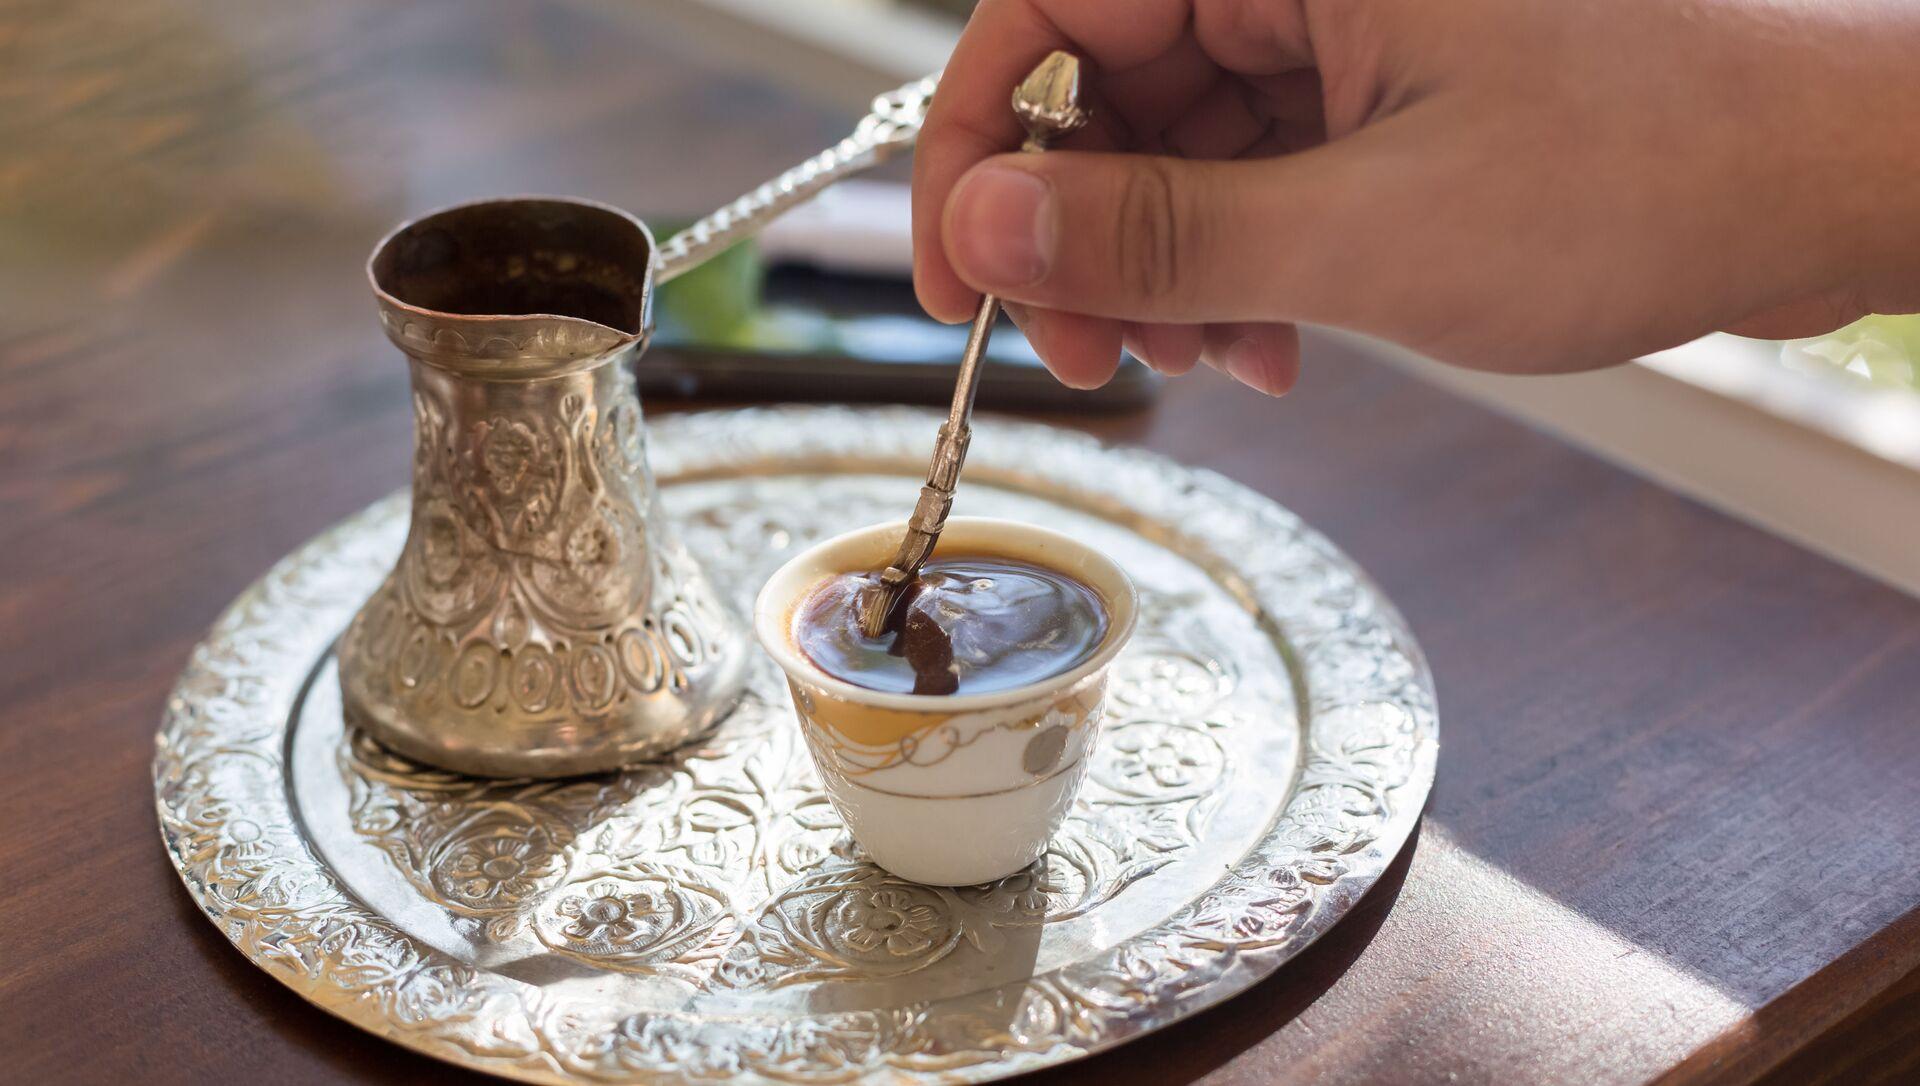 Турка и чашка черного кофе на блюде - Sputnik Azərbaycan, 1920, 19.09.2021